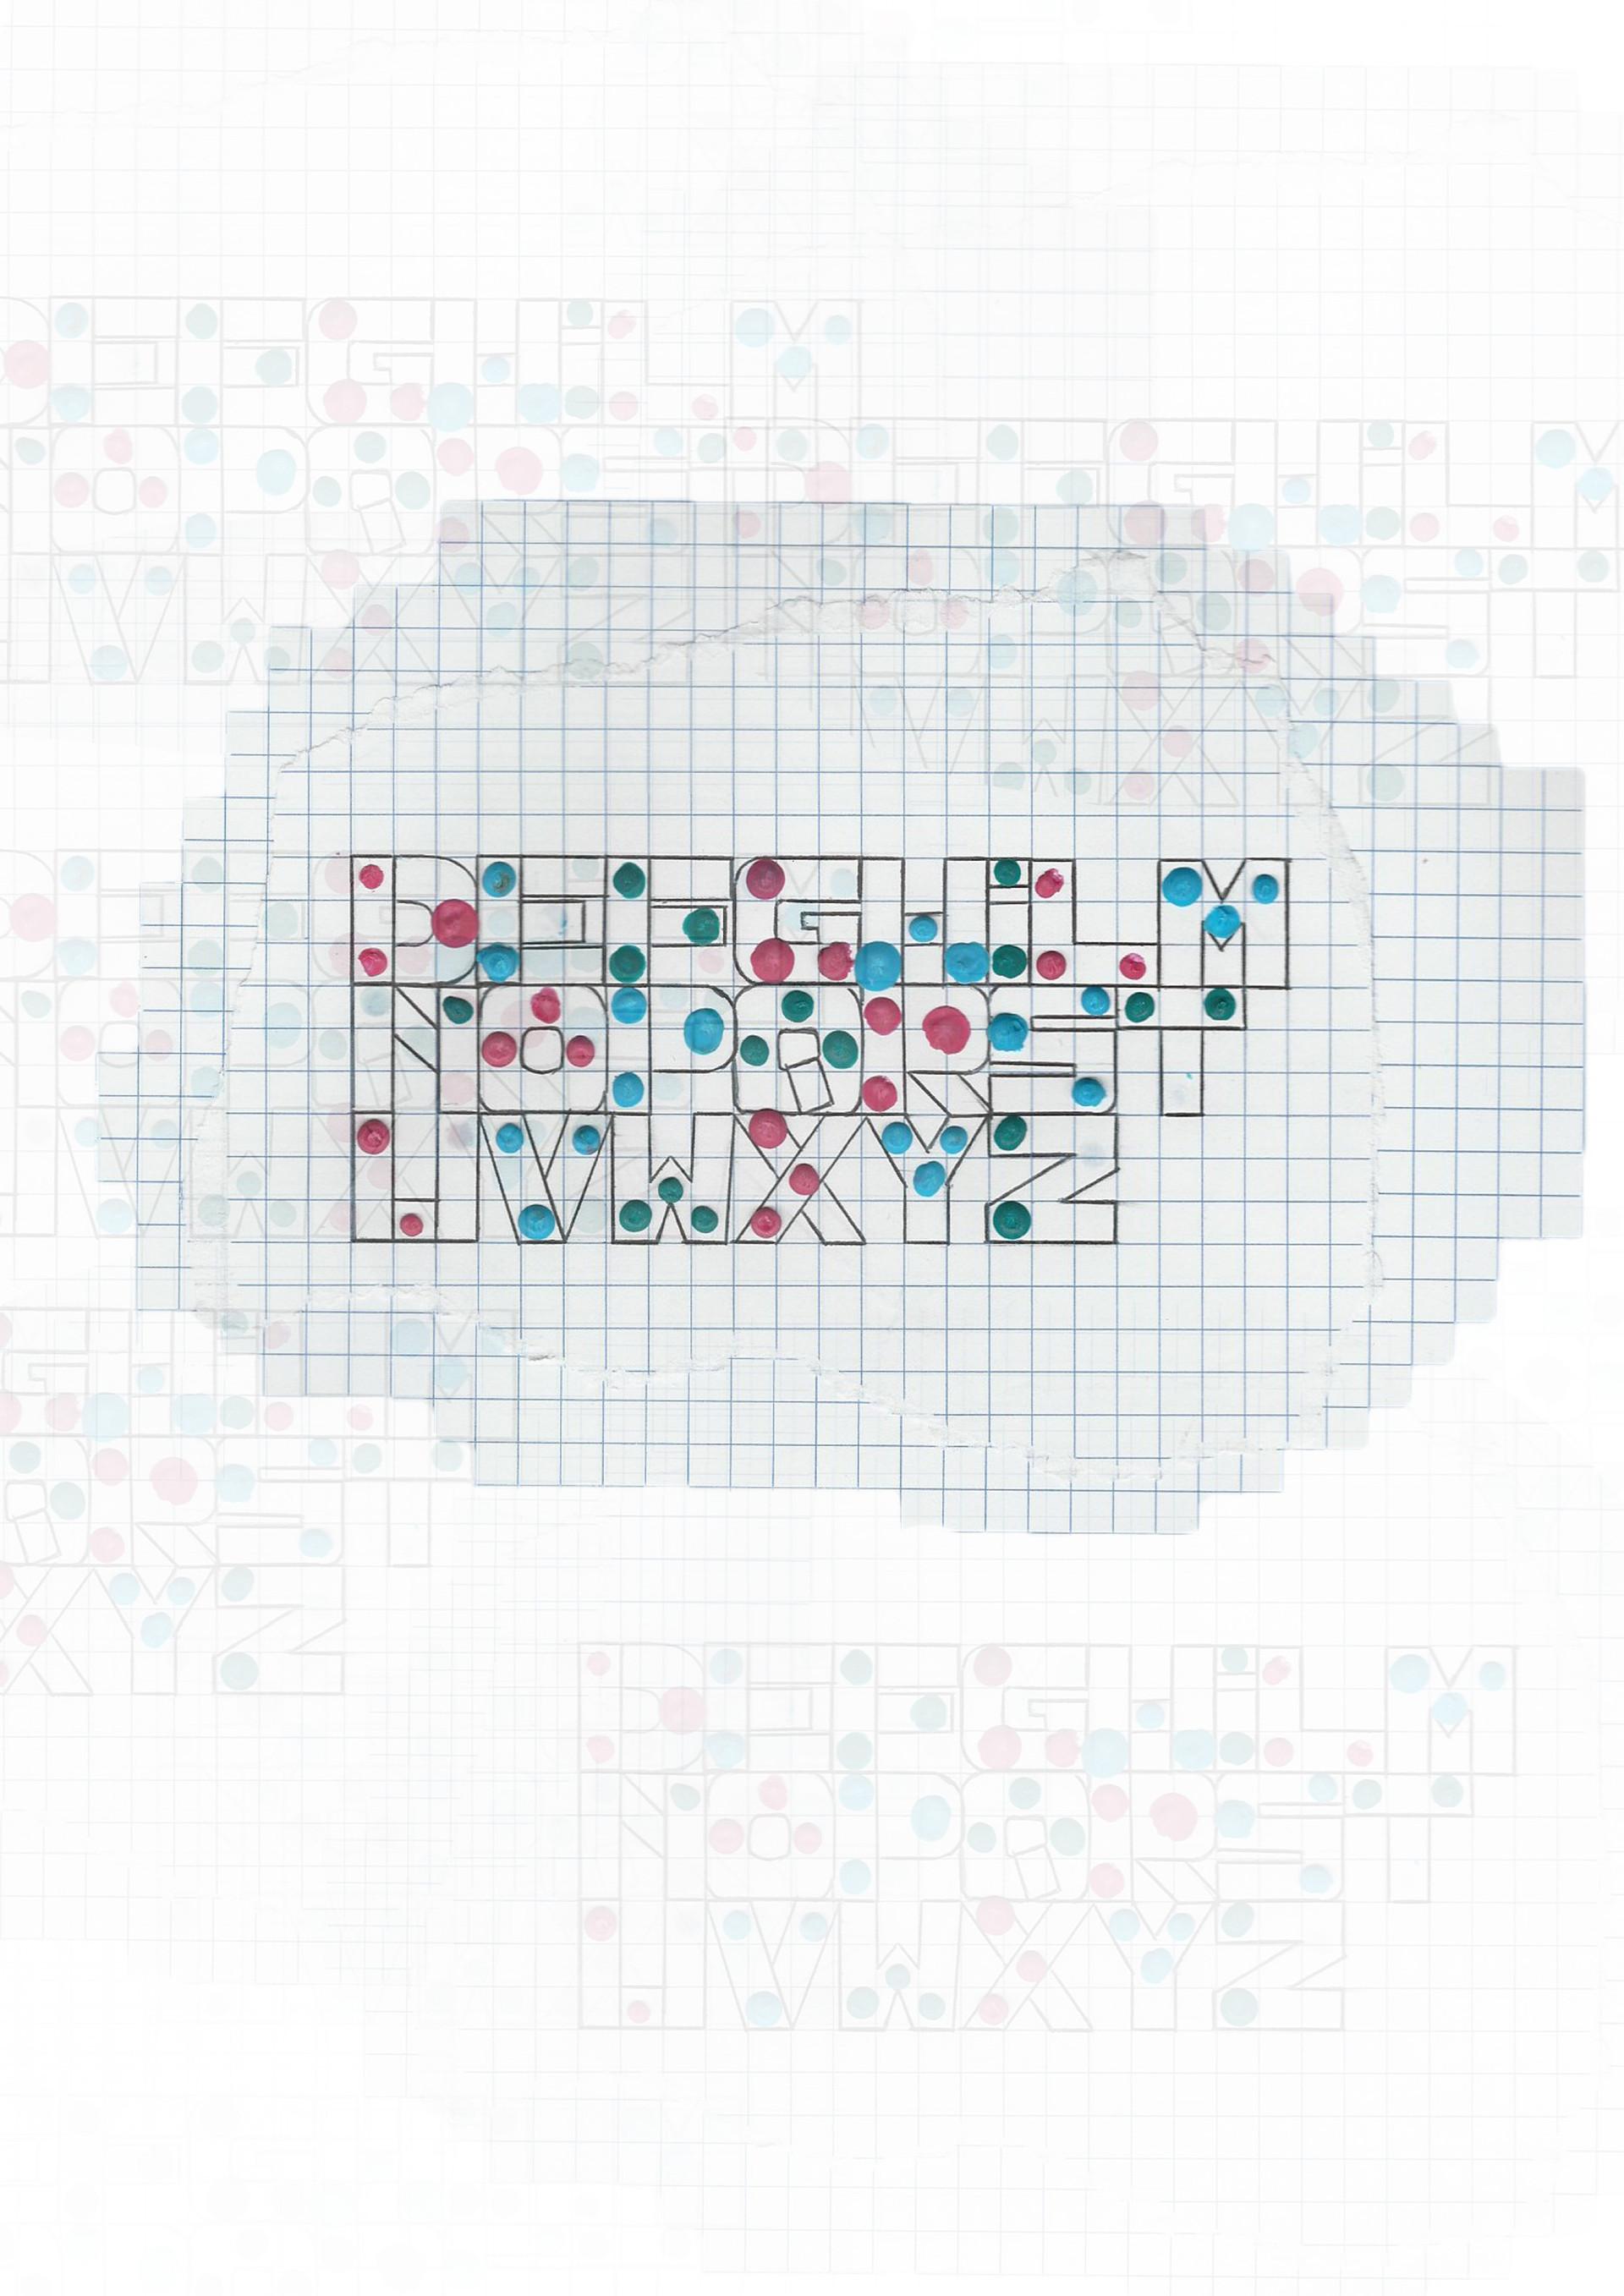 Un alfabeto un po' particolare, che può essere composto anche solo da pallini di cera sciola e sottili linee di penna, e scopare...riappare...